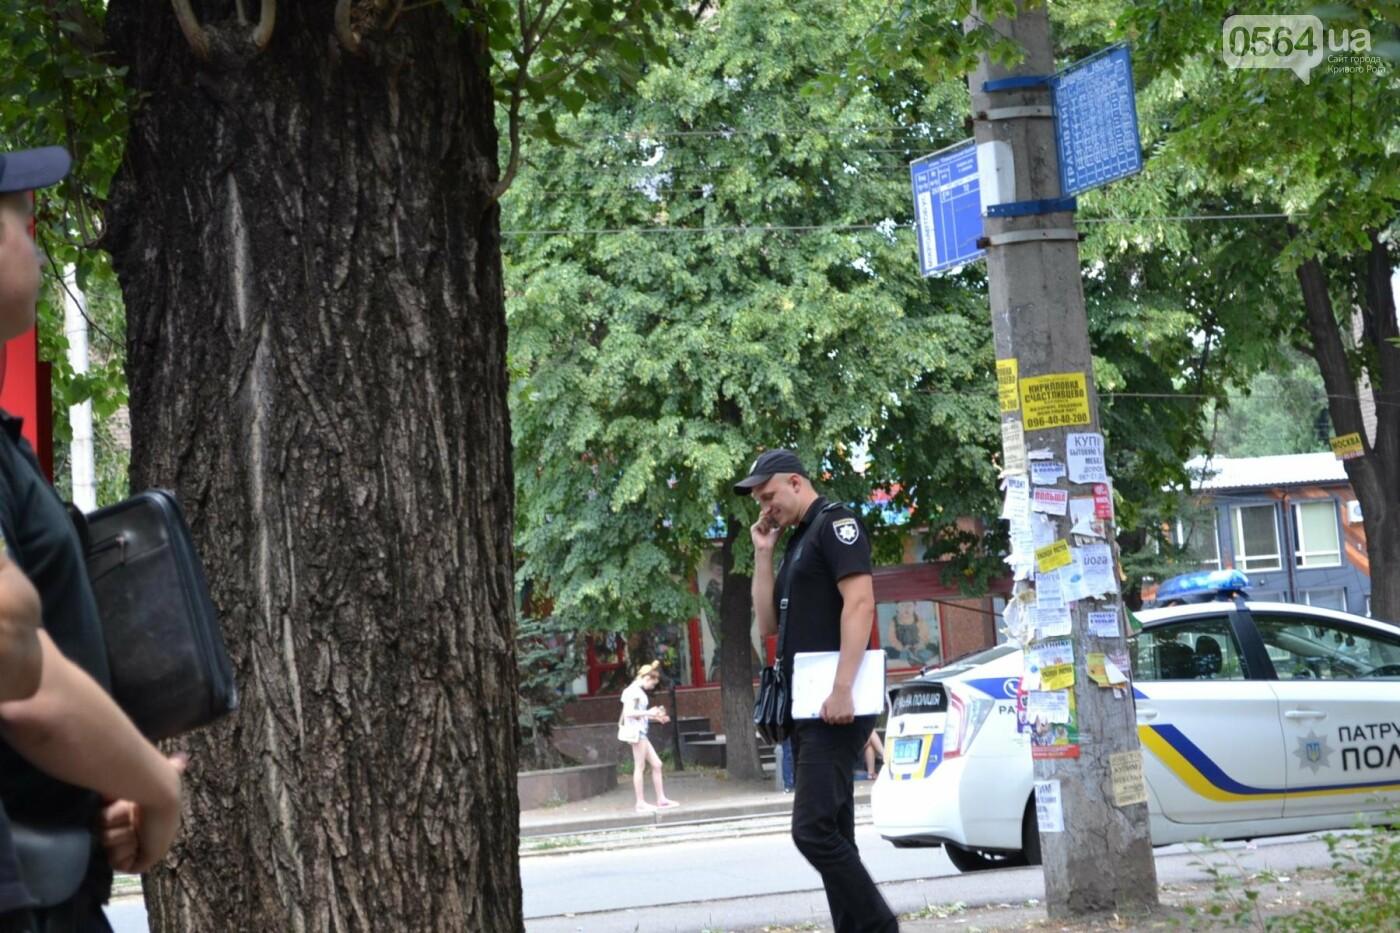 """В Кривом Роге активисты обнаружили очередную """"наливайку"""", а полицейский назвал это """"фигней"""", - ФОТО, ВИДЕО, фото-27"""